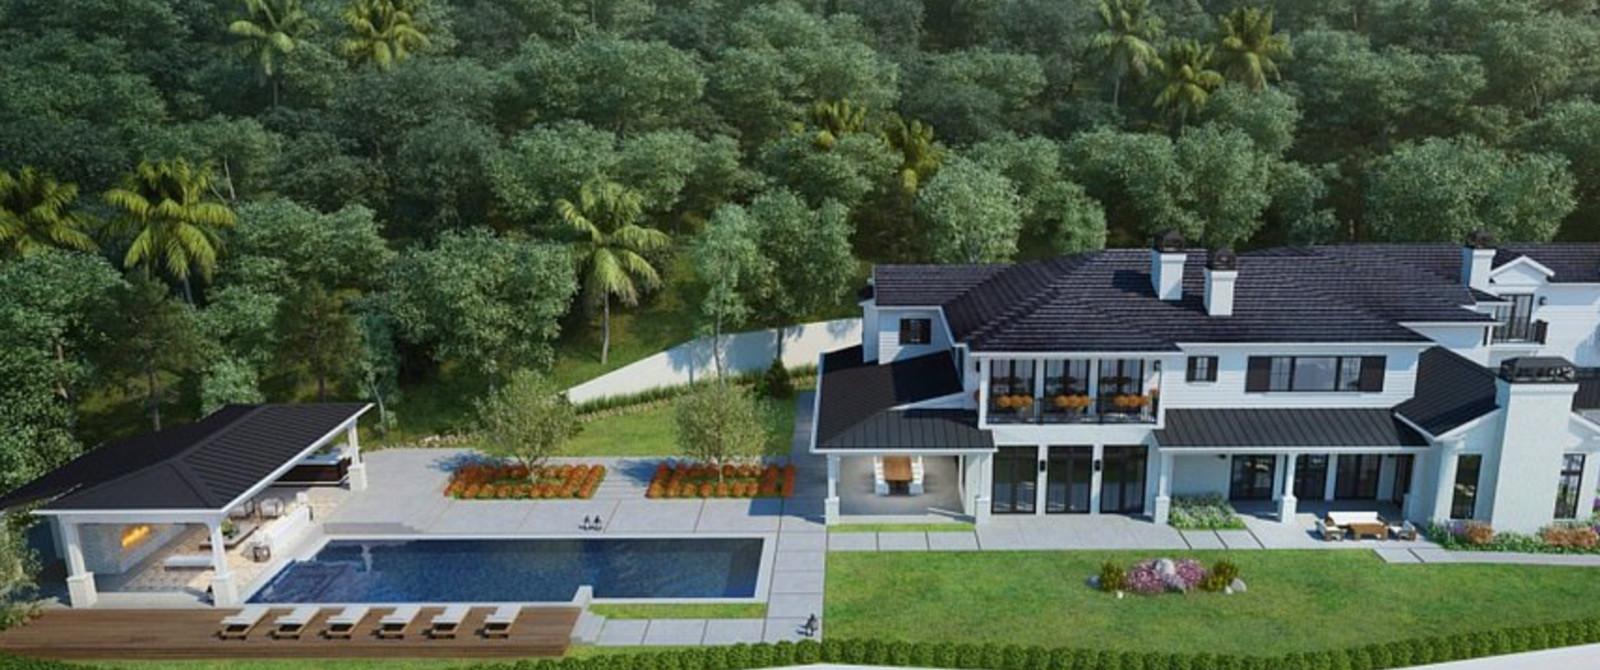 De nieuwe villa van Gwen en Blake.